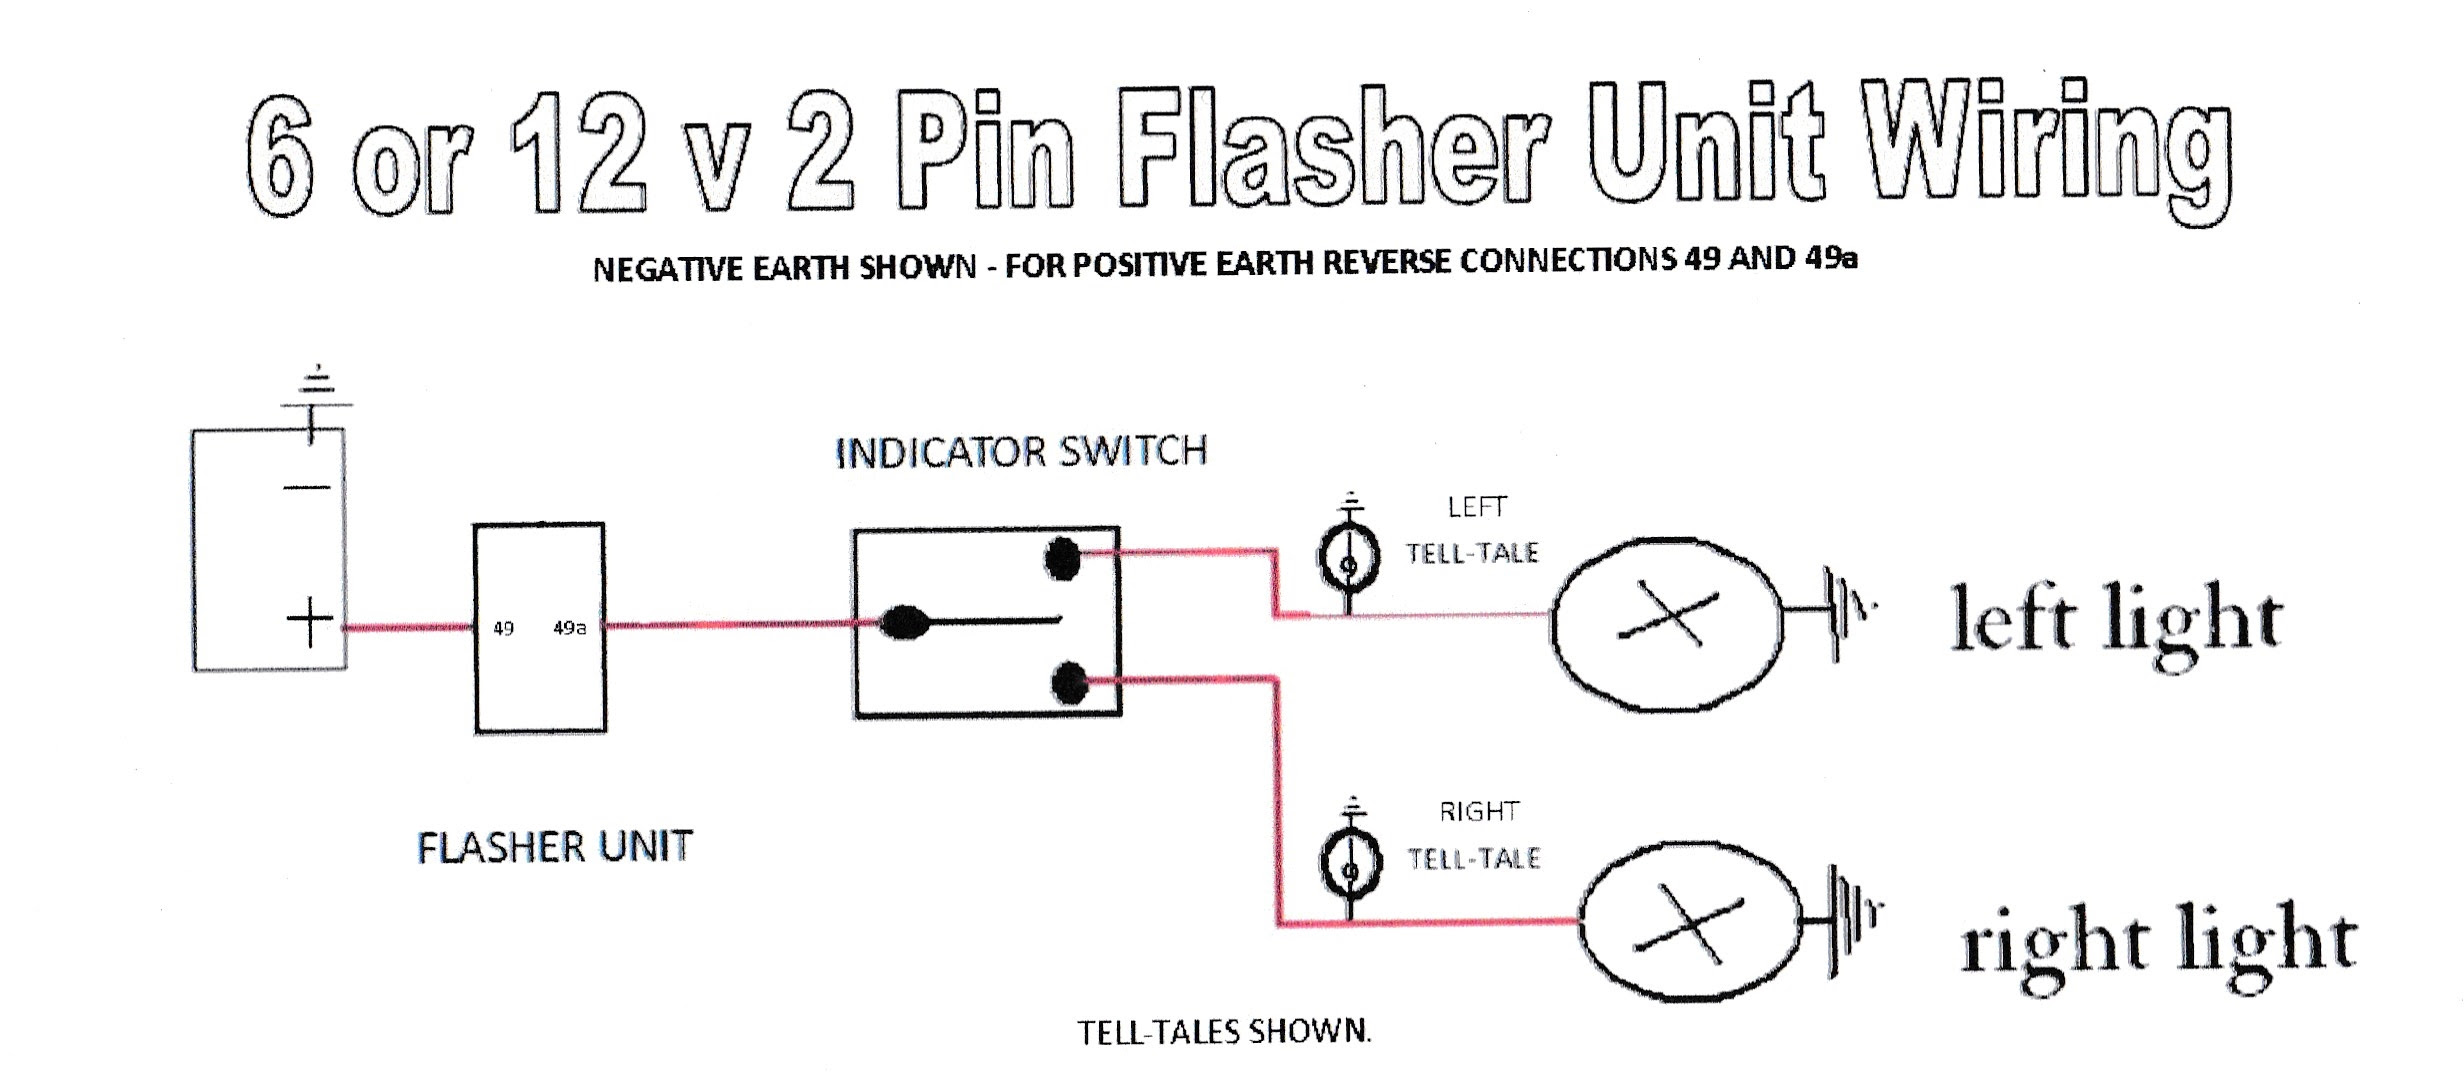 Turn Signal Flasher Relay Wiring Diagram Free Download Gsr200 Wiring Diagram Caprice Tukune Jeanjaures37 Fr